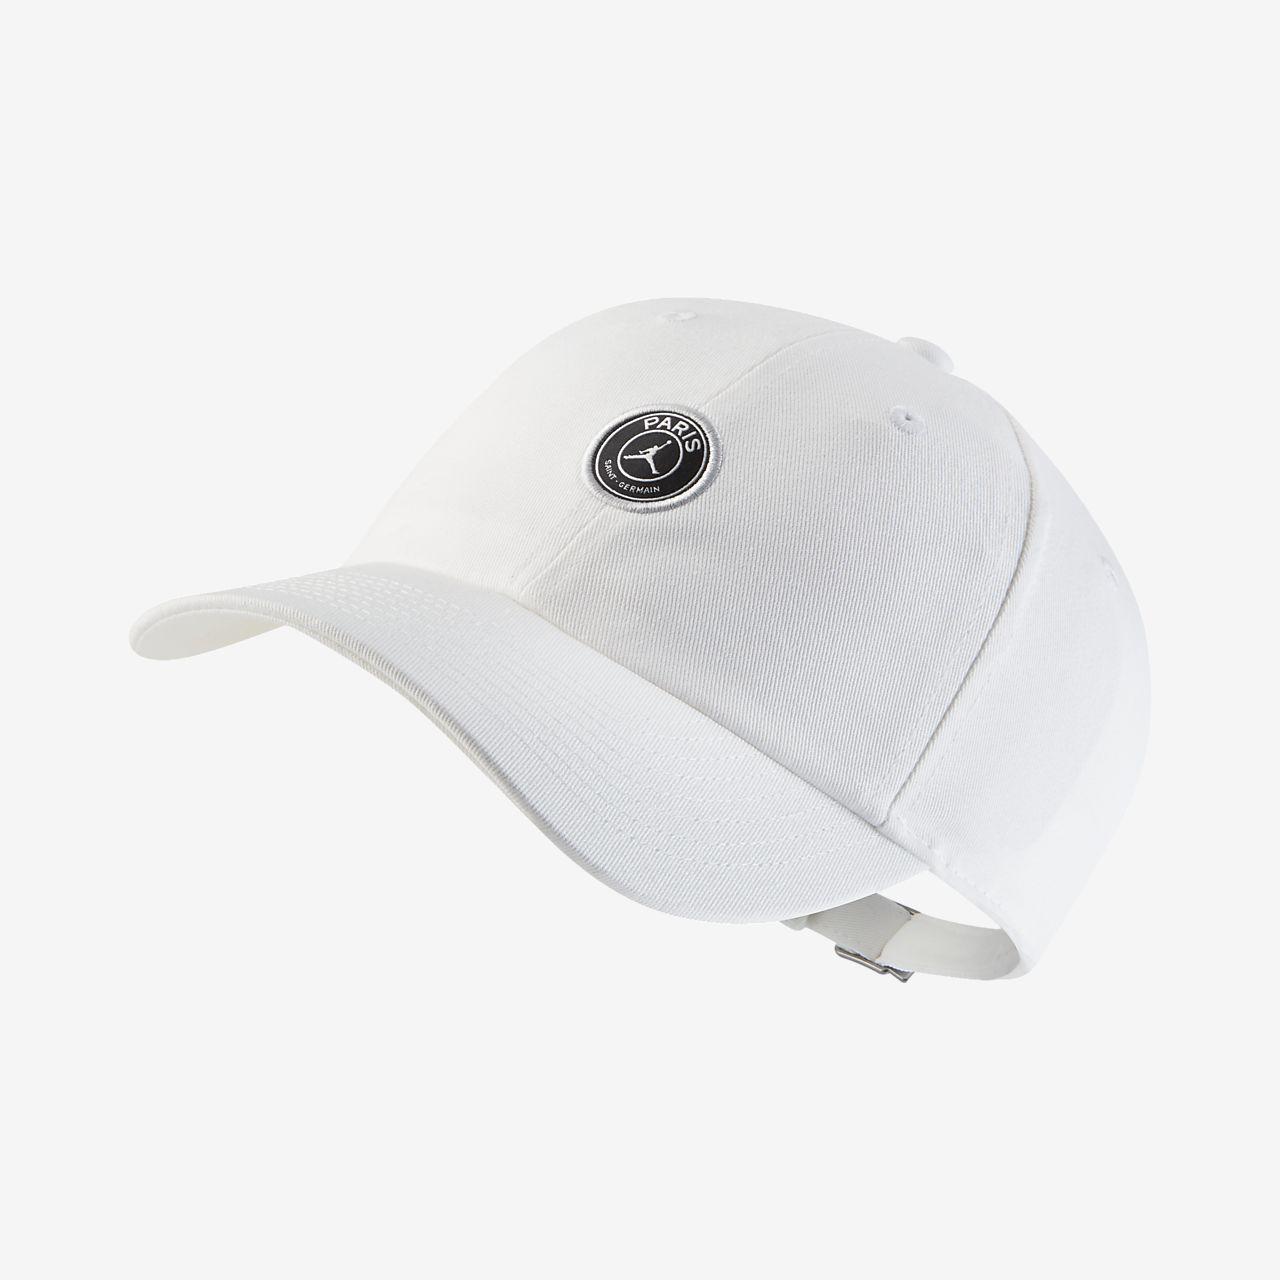 Ρυθμιζόμενο καπέλο Paris Saint-Germain για μεγάλα παιδιά